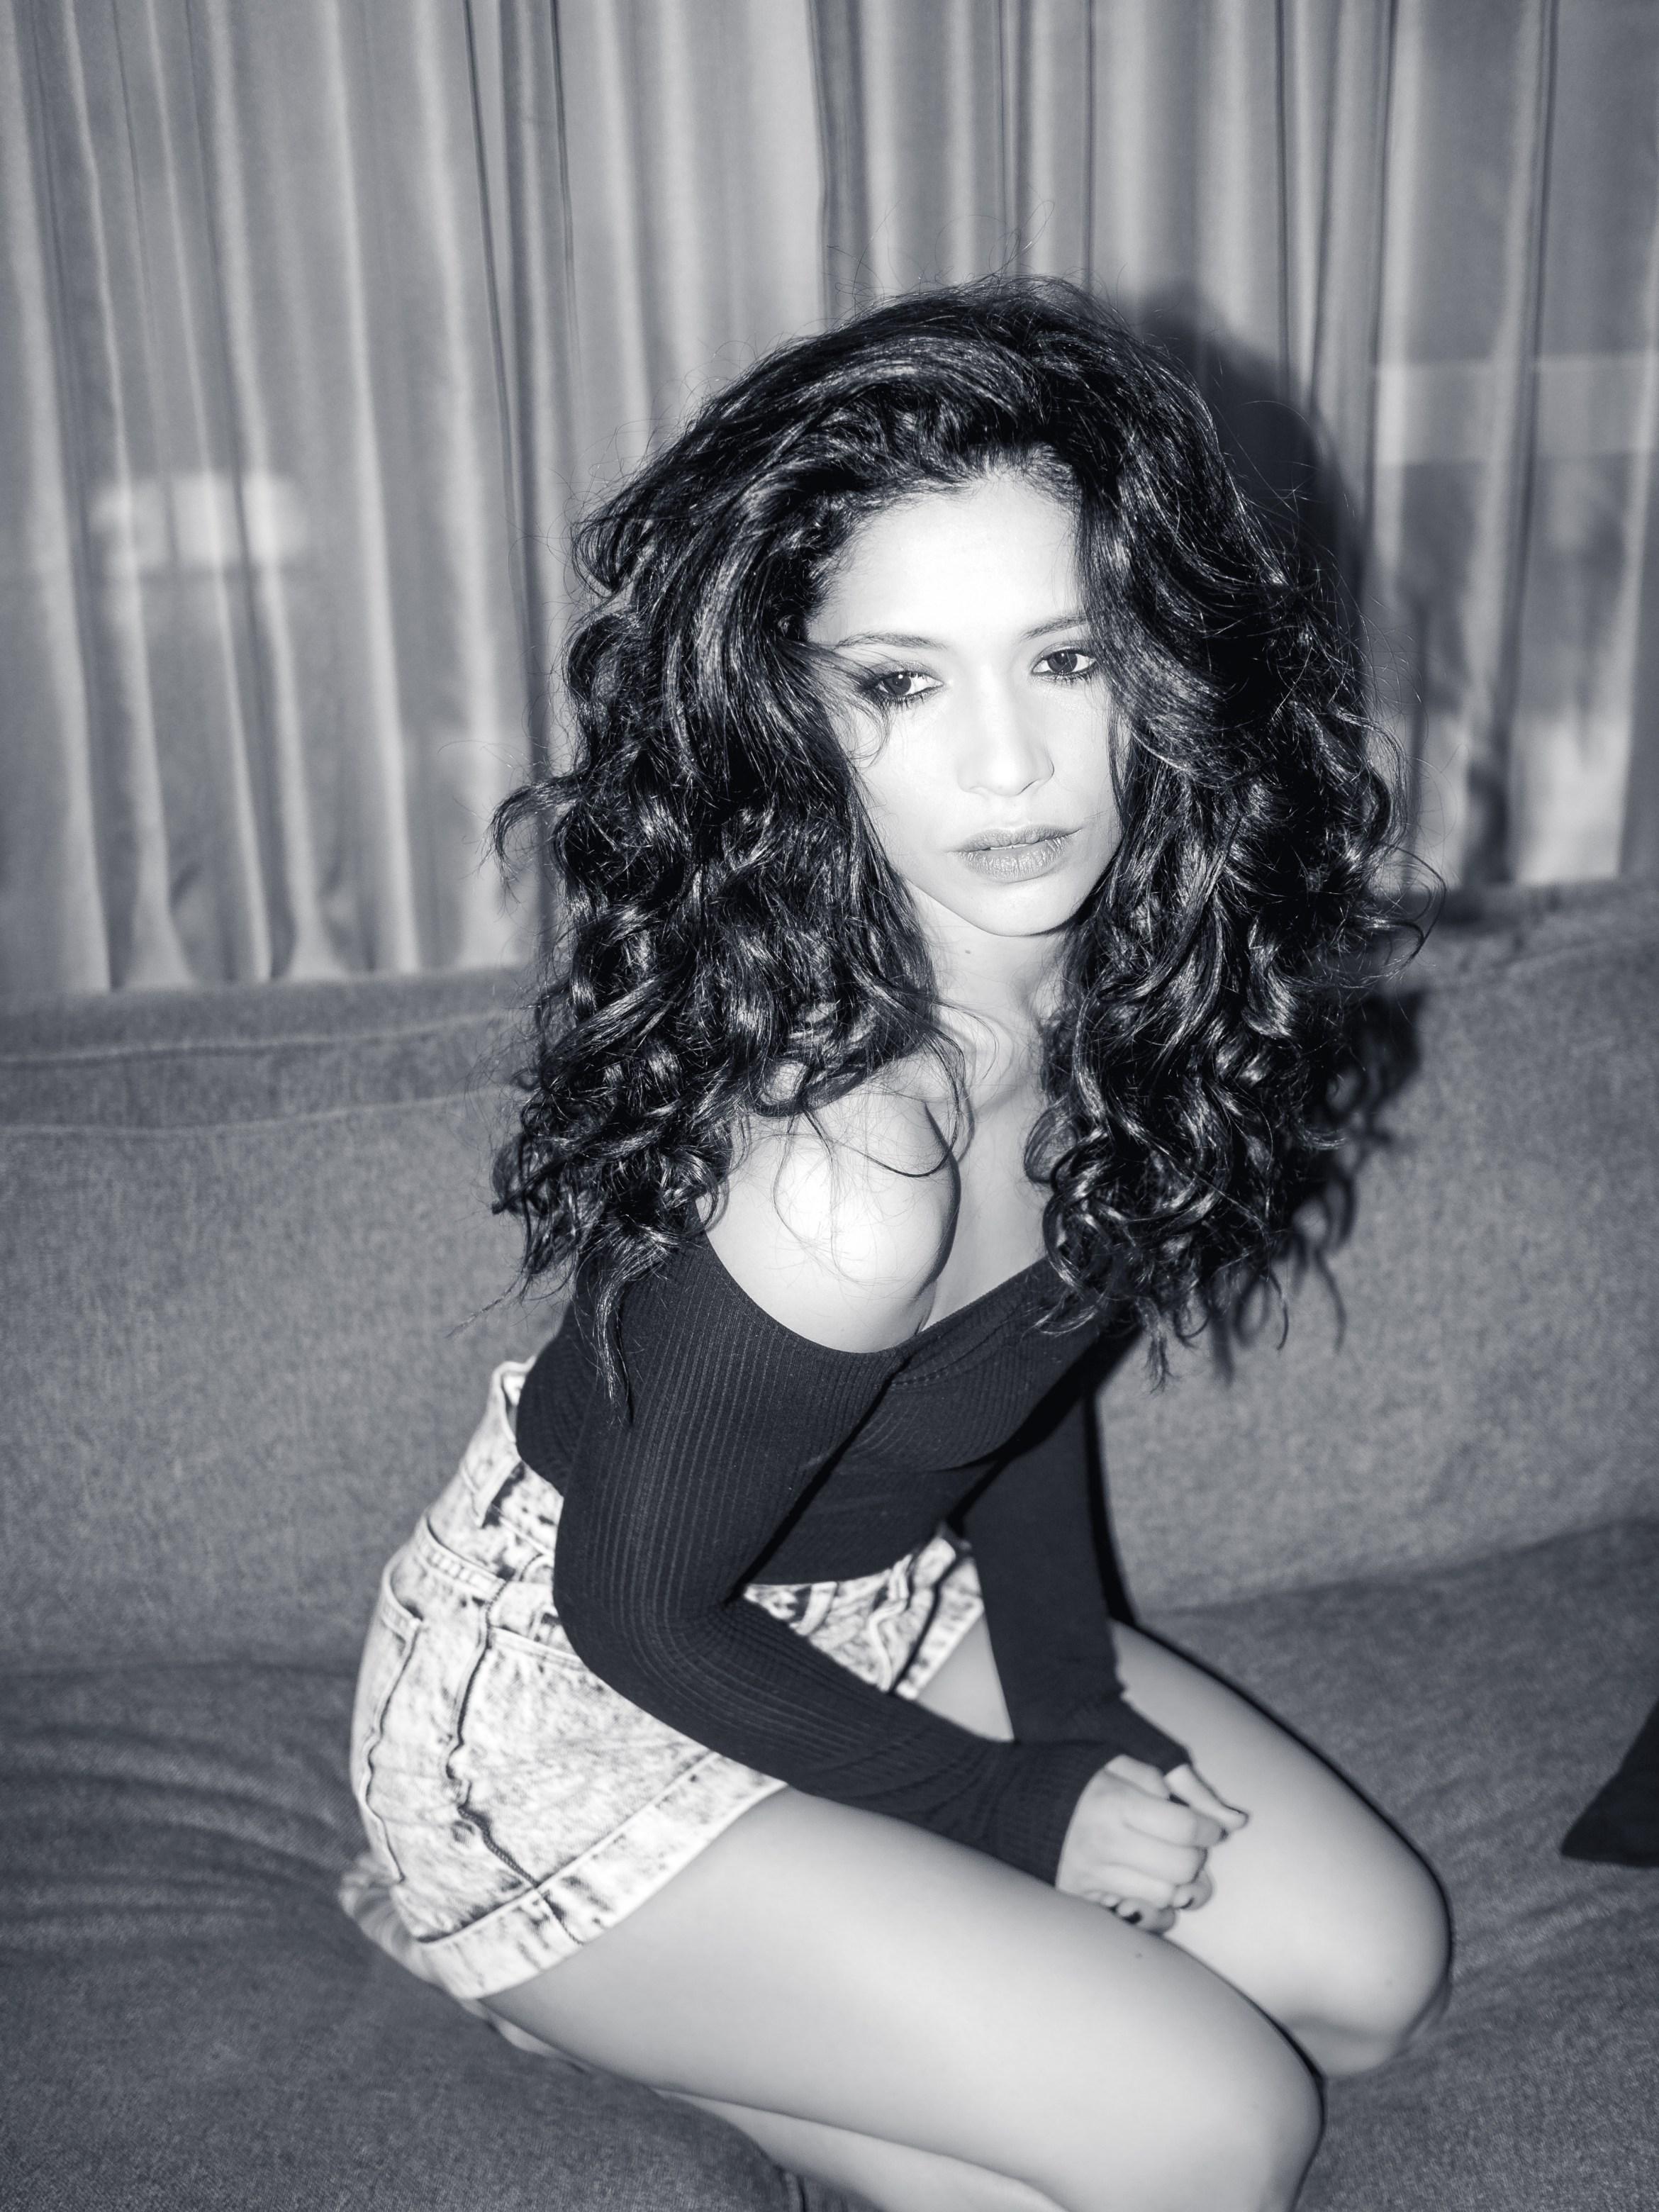 Miranda-Rae-Mayo_ChicagoLite-02.jpg